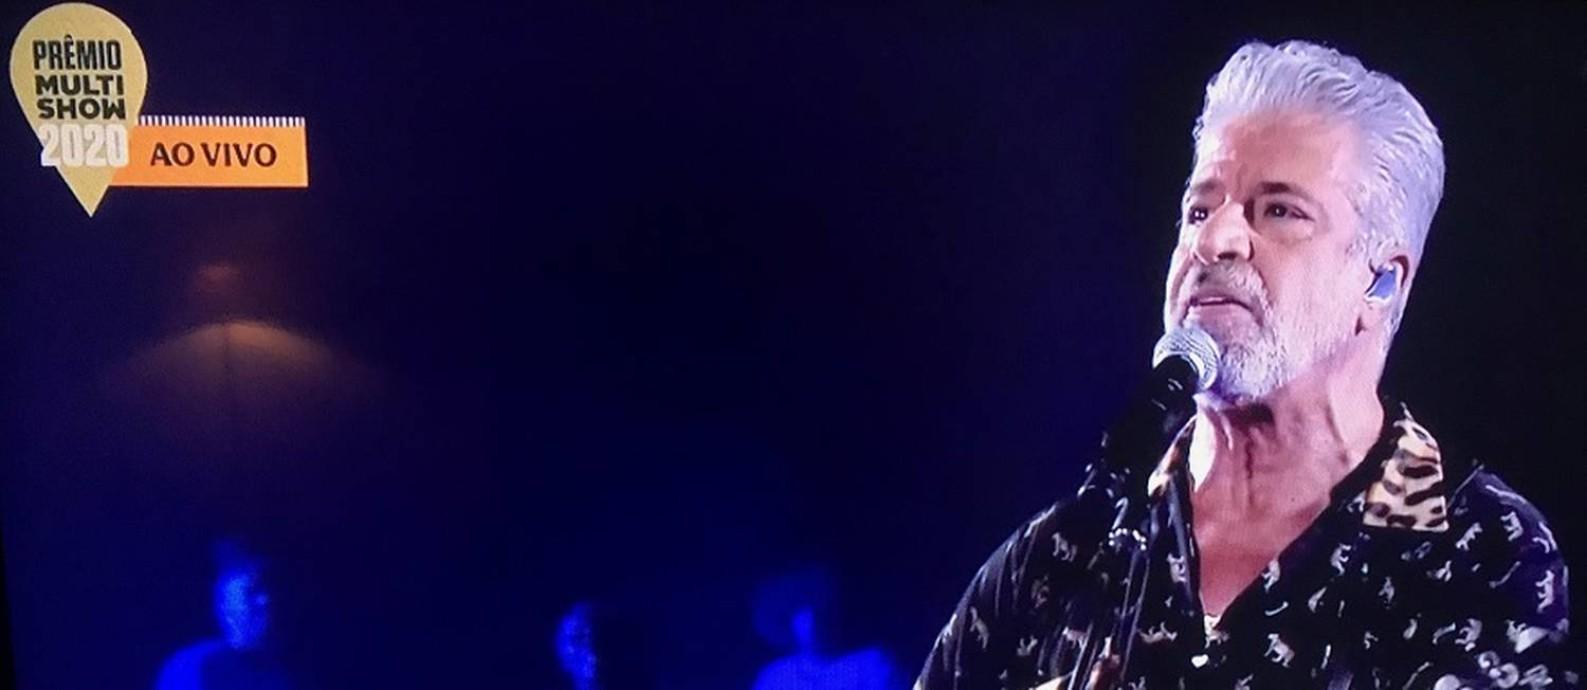 Lulu Santos canta 'A cura' no palco do Prêmio Multishow Foto: Reprodução